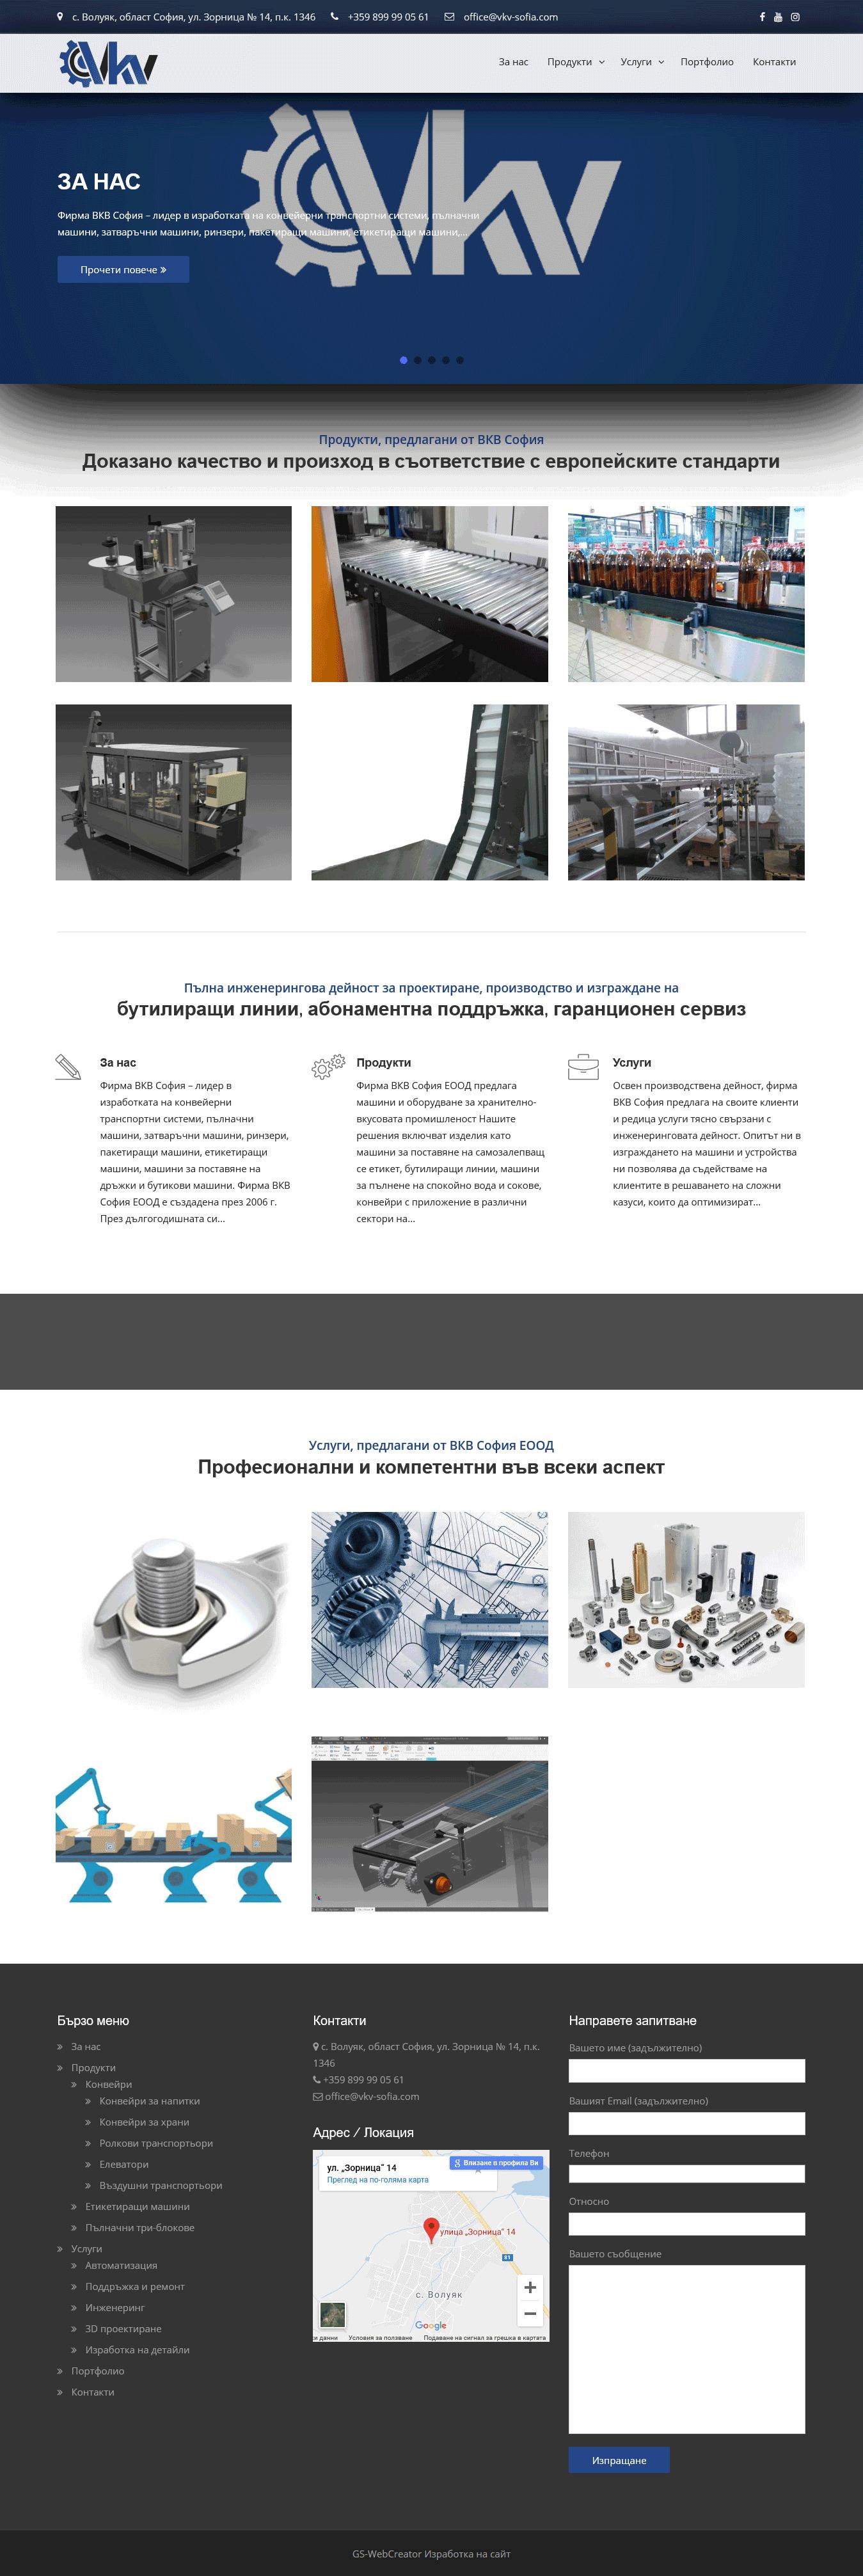 Изработка на сайт за производство на машини и конвейери за хранително-вкусовата промишленост на ВКВ София от екипа на GS-WebCreator